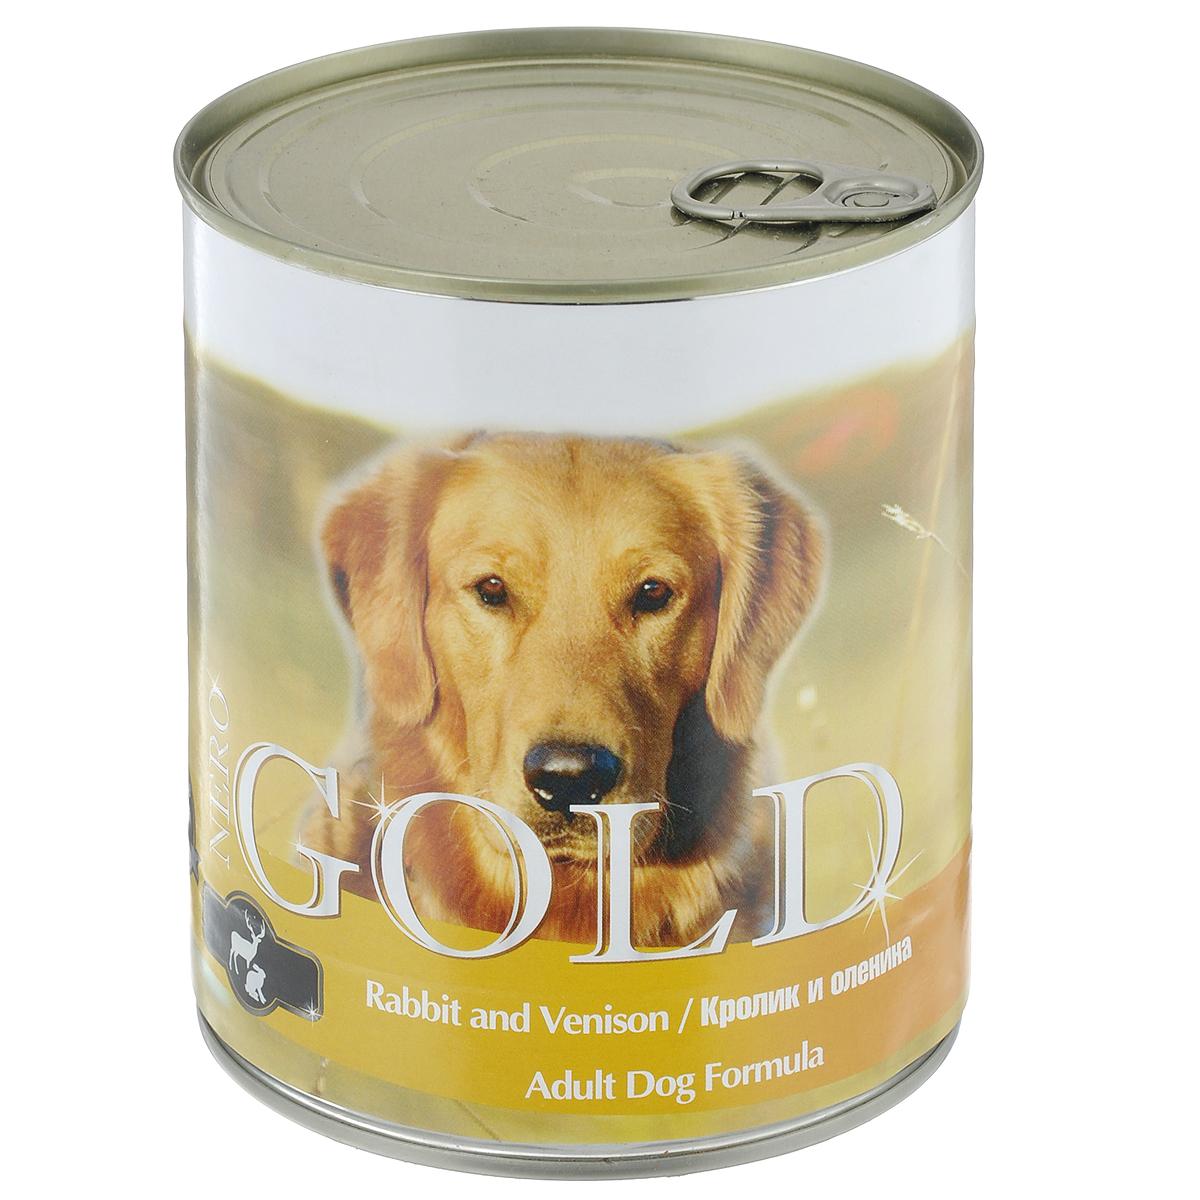 Консервы для собак Nero Gold, с кроликом и олениной, 810 г0120710Консервы для собак Nero Gold - полнорационный продукт, содержащий все необходимые витамины и минералы, сбалансированный для поддержания оптимального здоровья вашего питомца! Состав: мясо и его производные, филе курицы, филе кролика, оленина, злаки, витамины и минералы. Гарантированный анализ: белки 6,5%, жиры 4,5%, клетчатка 0,5%, зола 2%, влага 81%. Пищевые добавки на 1 кг продукта: витамин А 1600 МЕ, витамин D 140 МЕ, витамин Е 10 МЕ, железо 24 мг, марганец 6 мг, цинк 15 мг, медь 1 мг, магний 200 мг, йод 0,3 мг, селен 0,2 мг.Вес: 810 г. Товар сертифицирован.